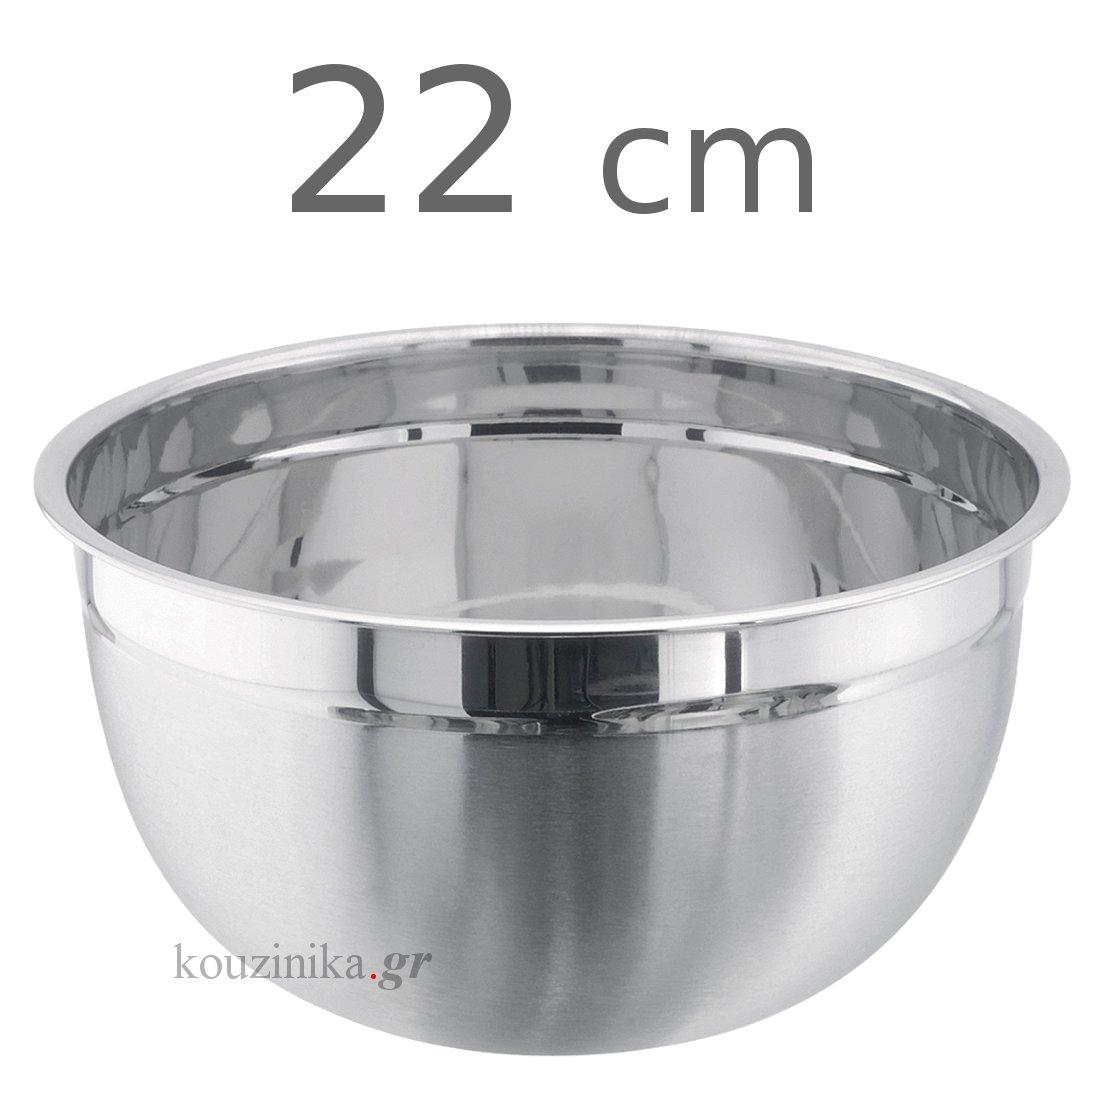 Μπωλ ανοξείδωτο βαθύ σατινέ 22 cm